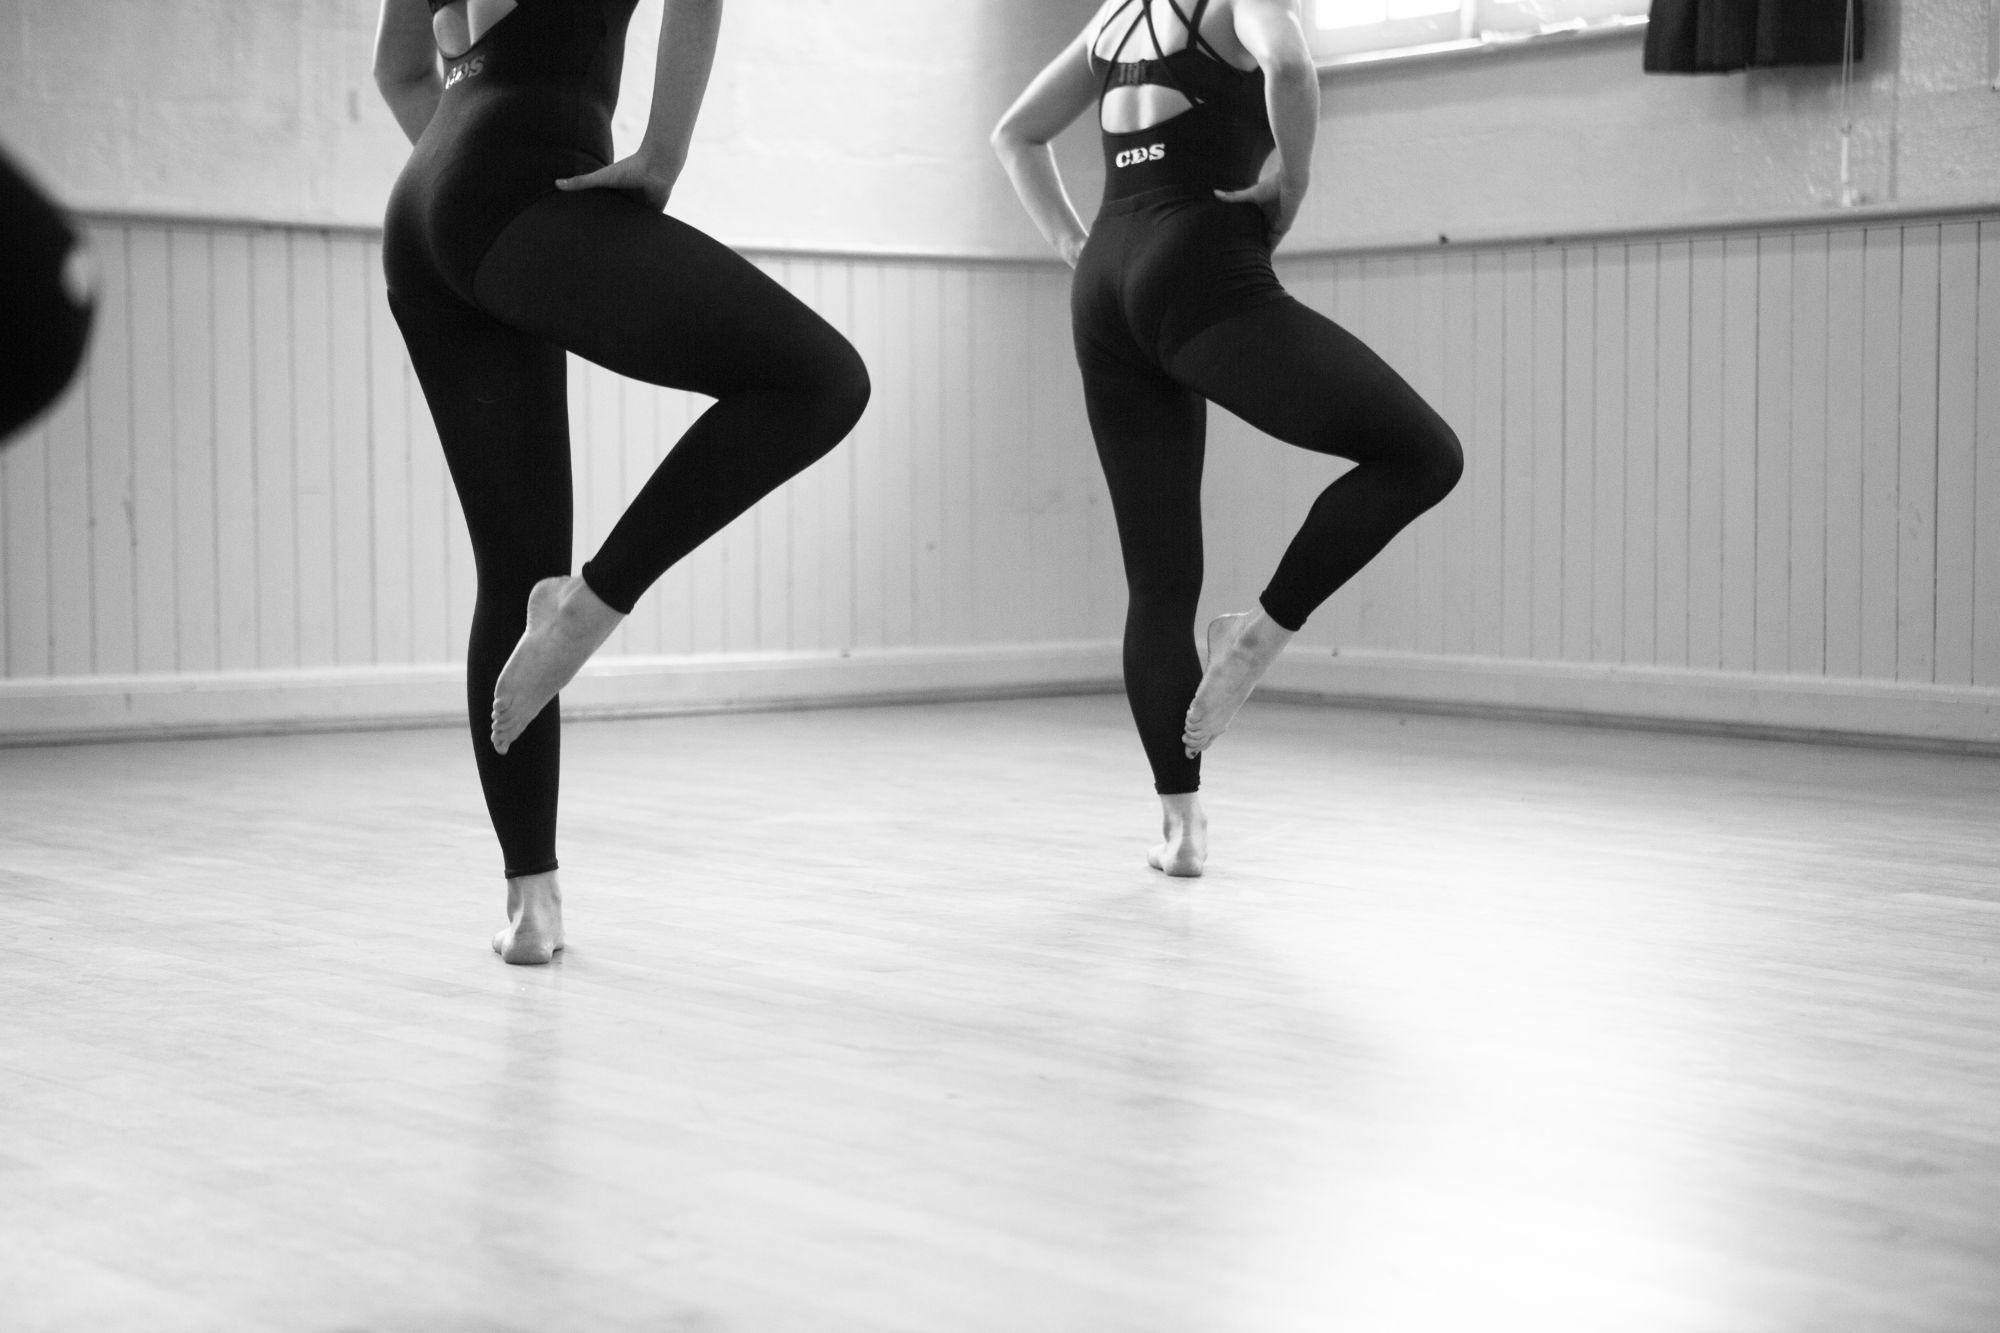 Adult Ballet Class, Adult Contemporary Class, Adult Commercial Dance Class, Adult Dance Class Truro, Adult Dance Classes Cornwall, Truro Adult Dance lesson, Dance classes for adults cornwall